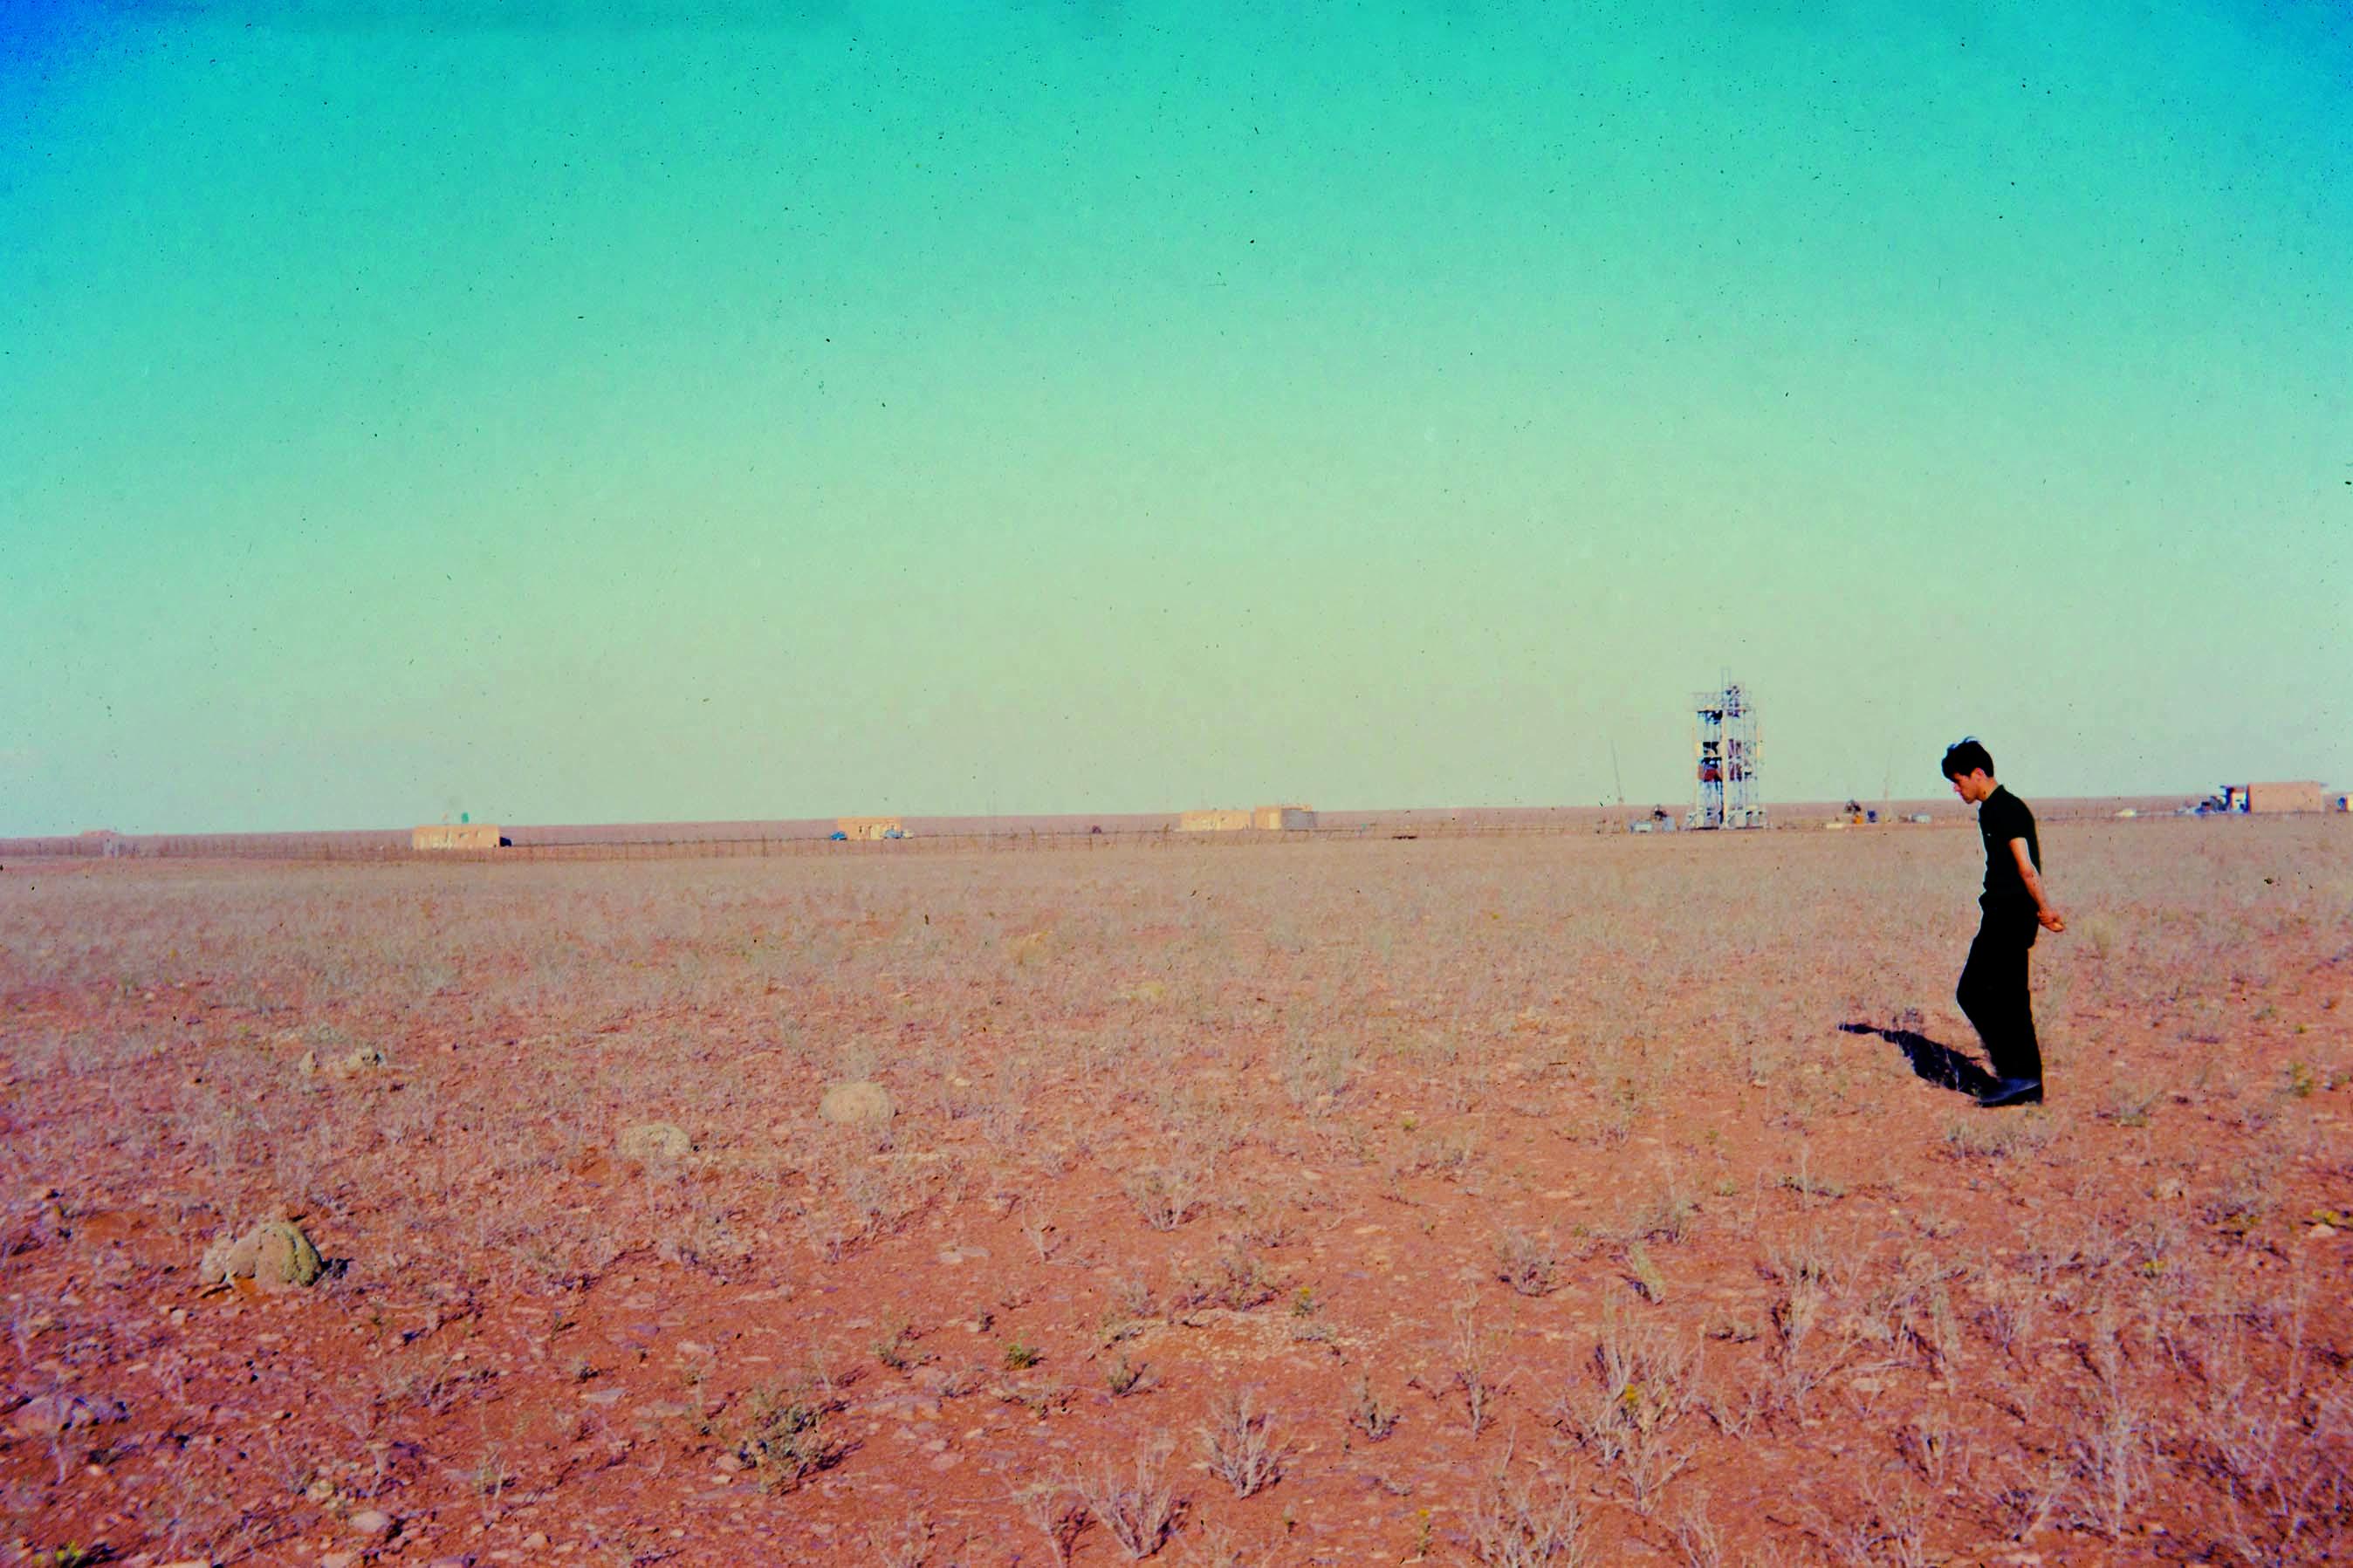 Hammaguir 1967 - Les équipes du LAS et du CNES s'affairent dans le désert pour les préparatifs de leur expérience qui sera lancée avec une fusée Véronique.